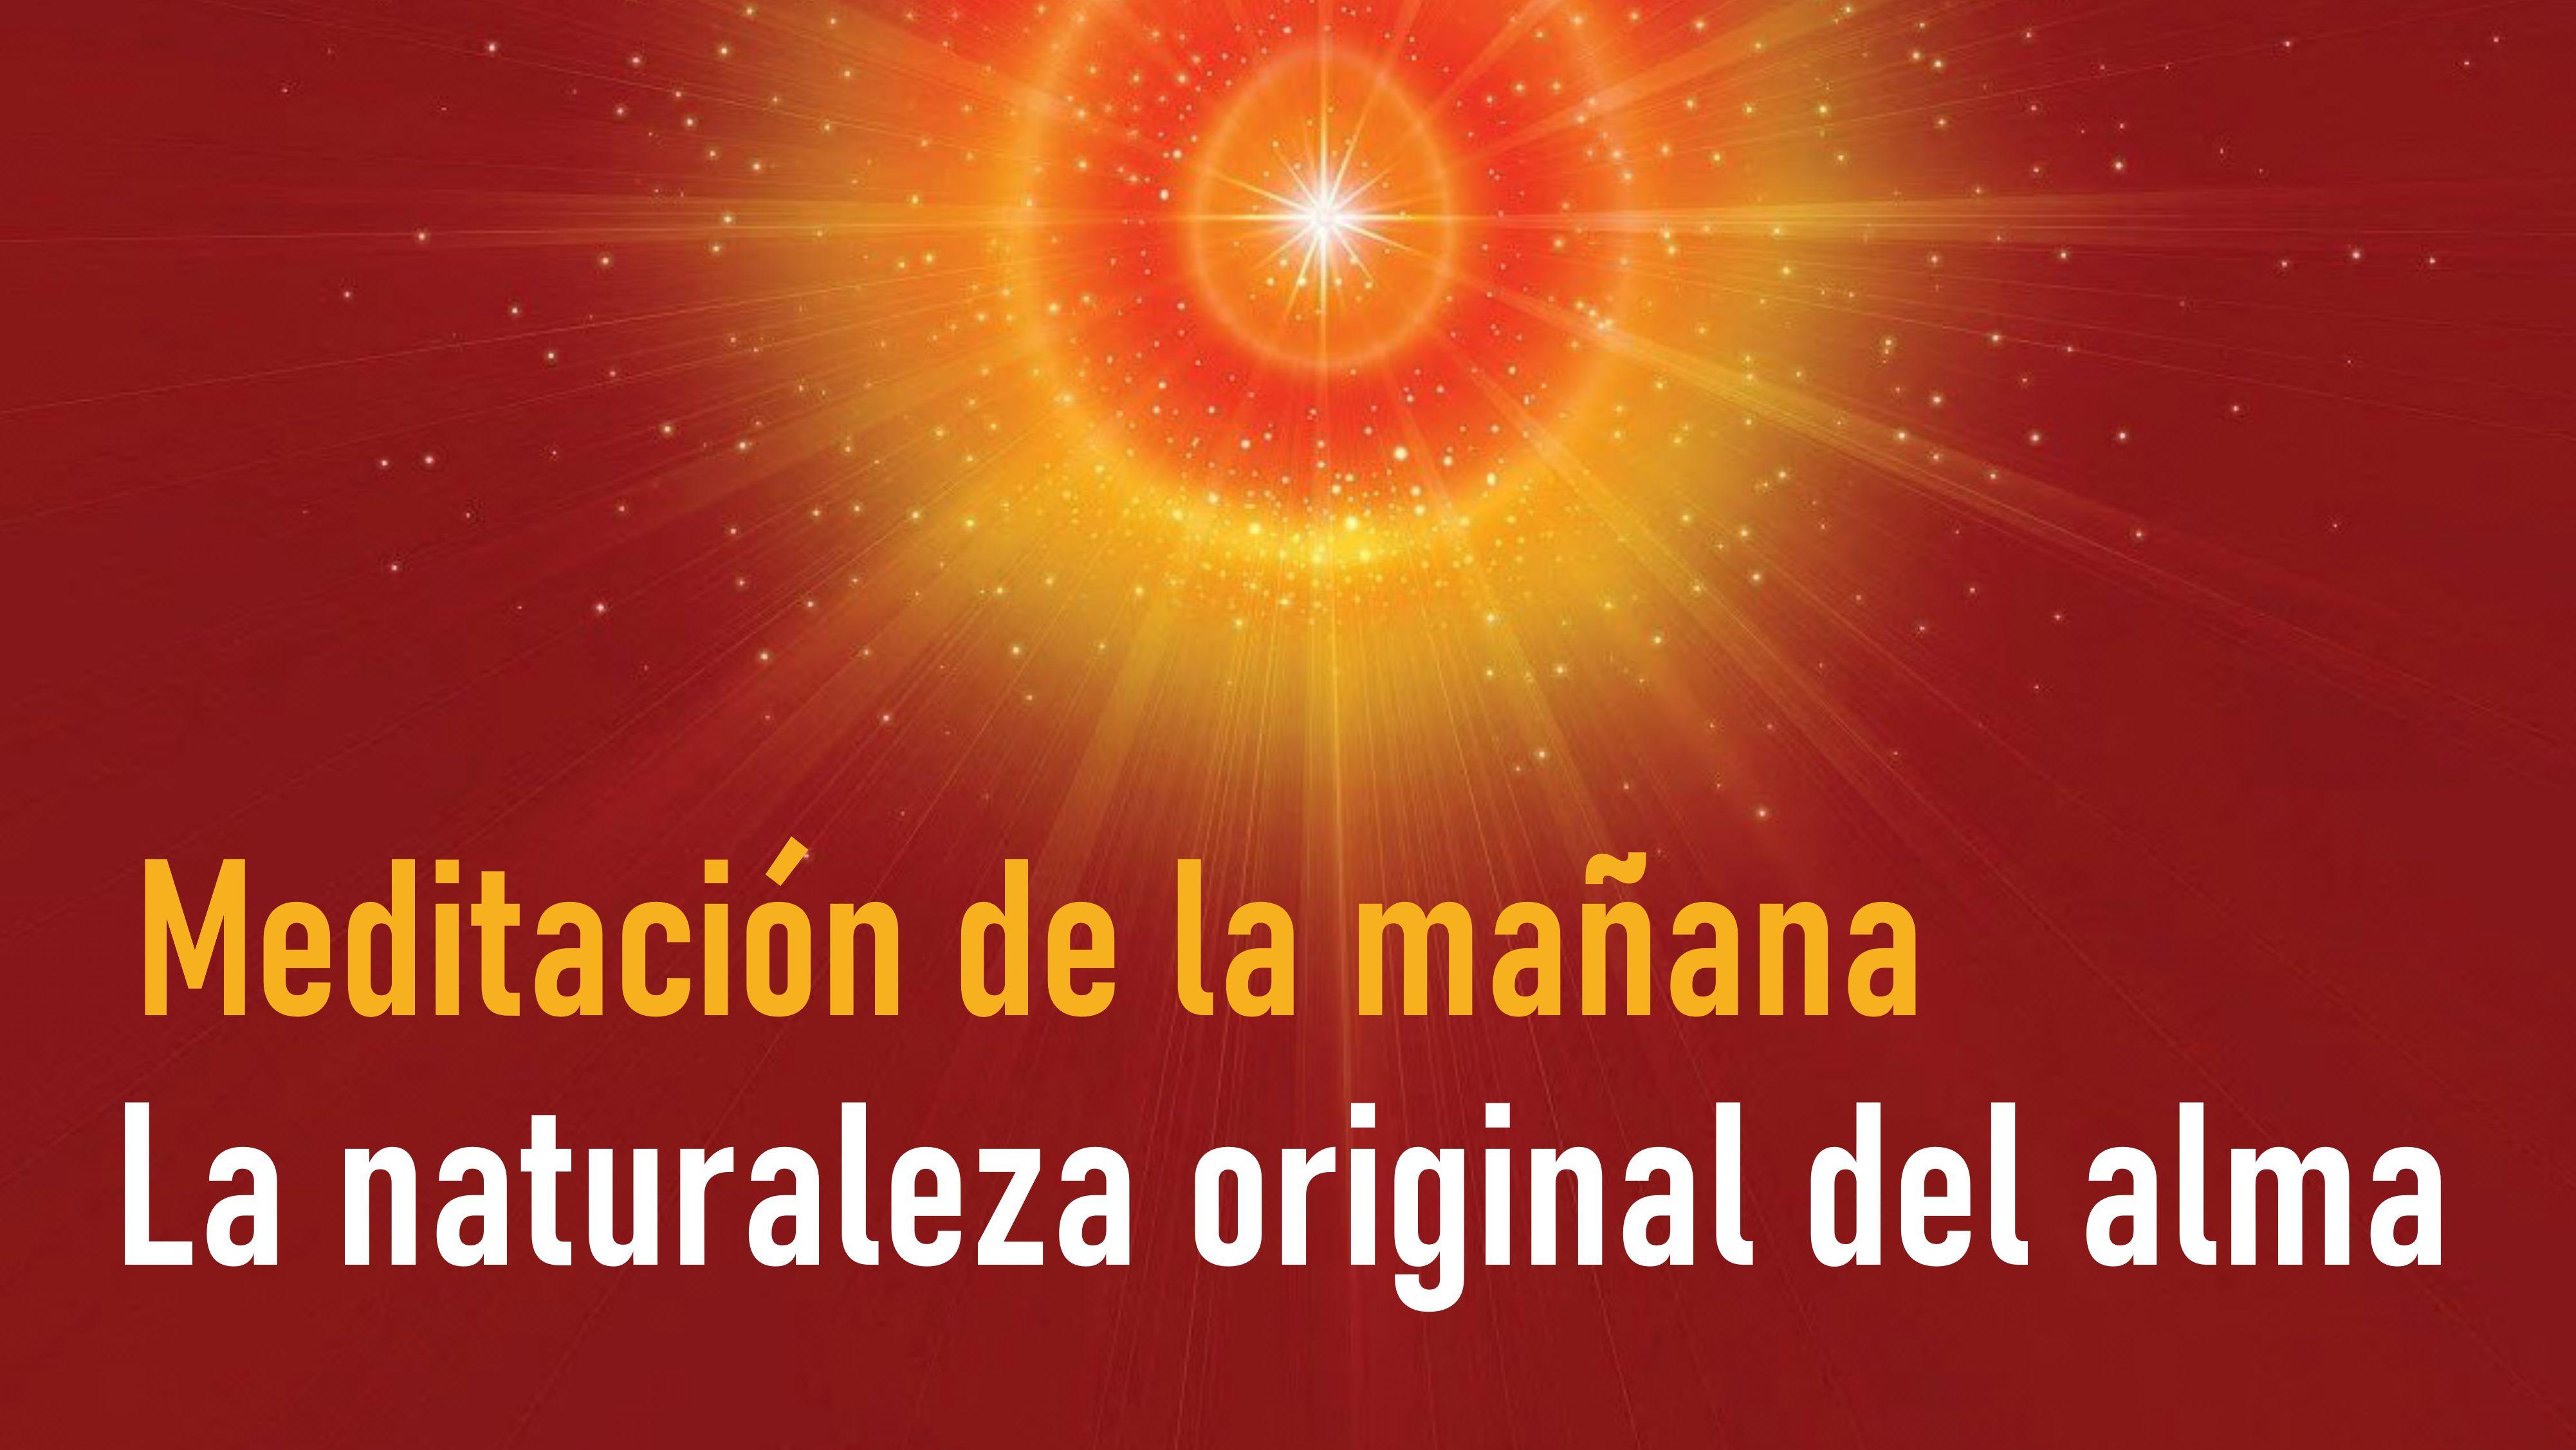 Meditación de la mañana: La naturaleza original del alma (3 Septiembre 2020)